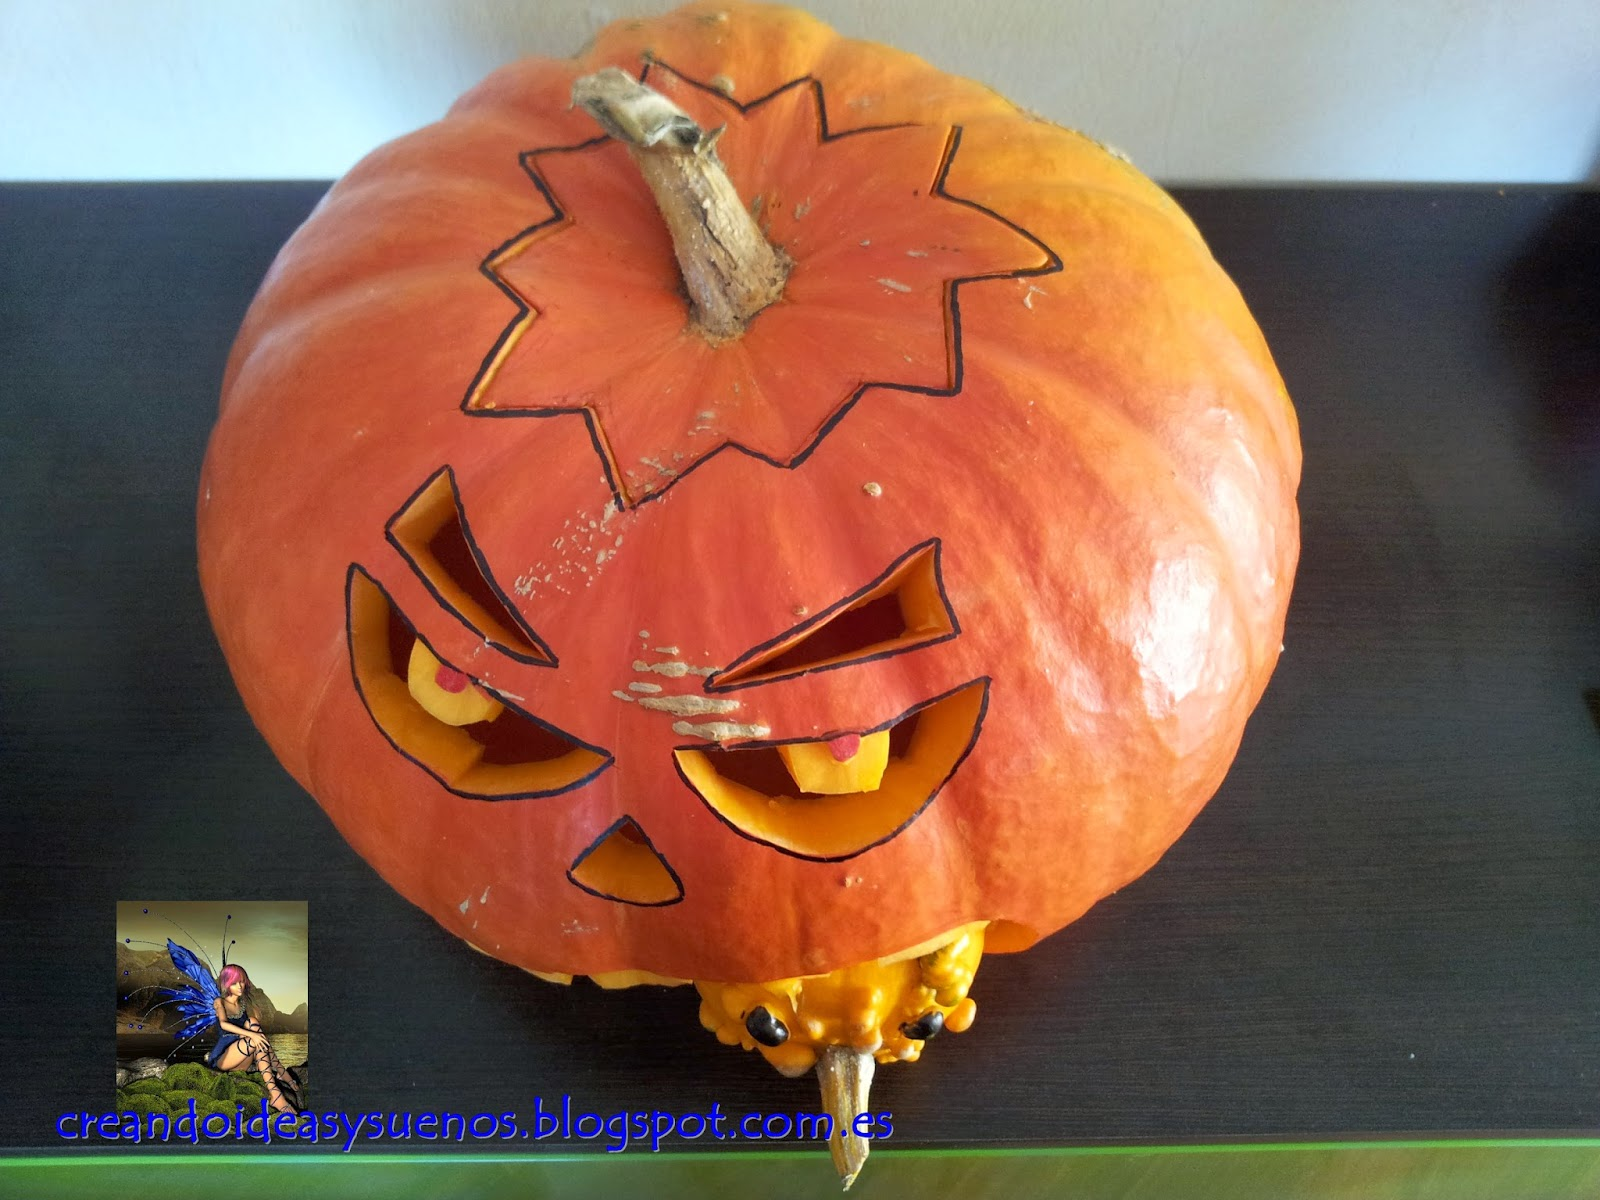 Creando Ideas y Sueños: Halloween _ Crea tu Calabaza...